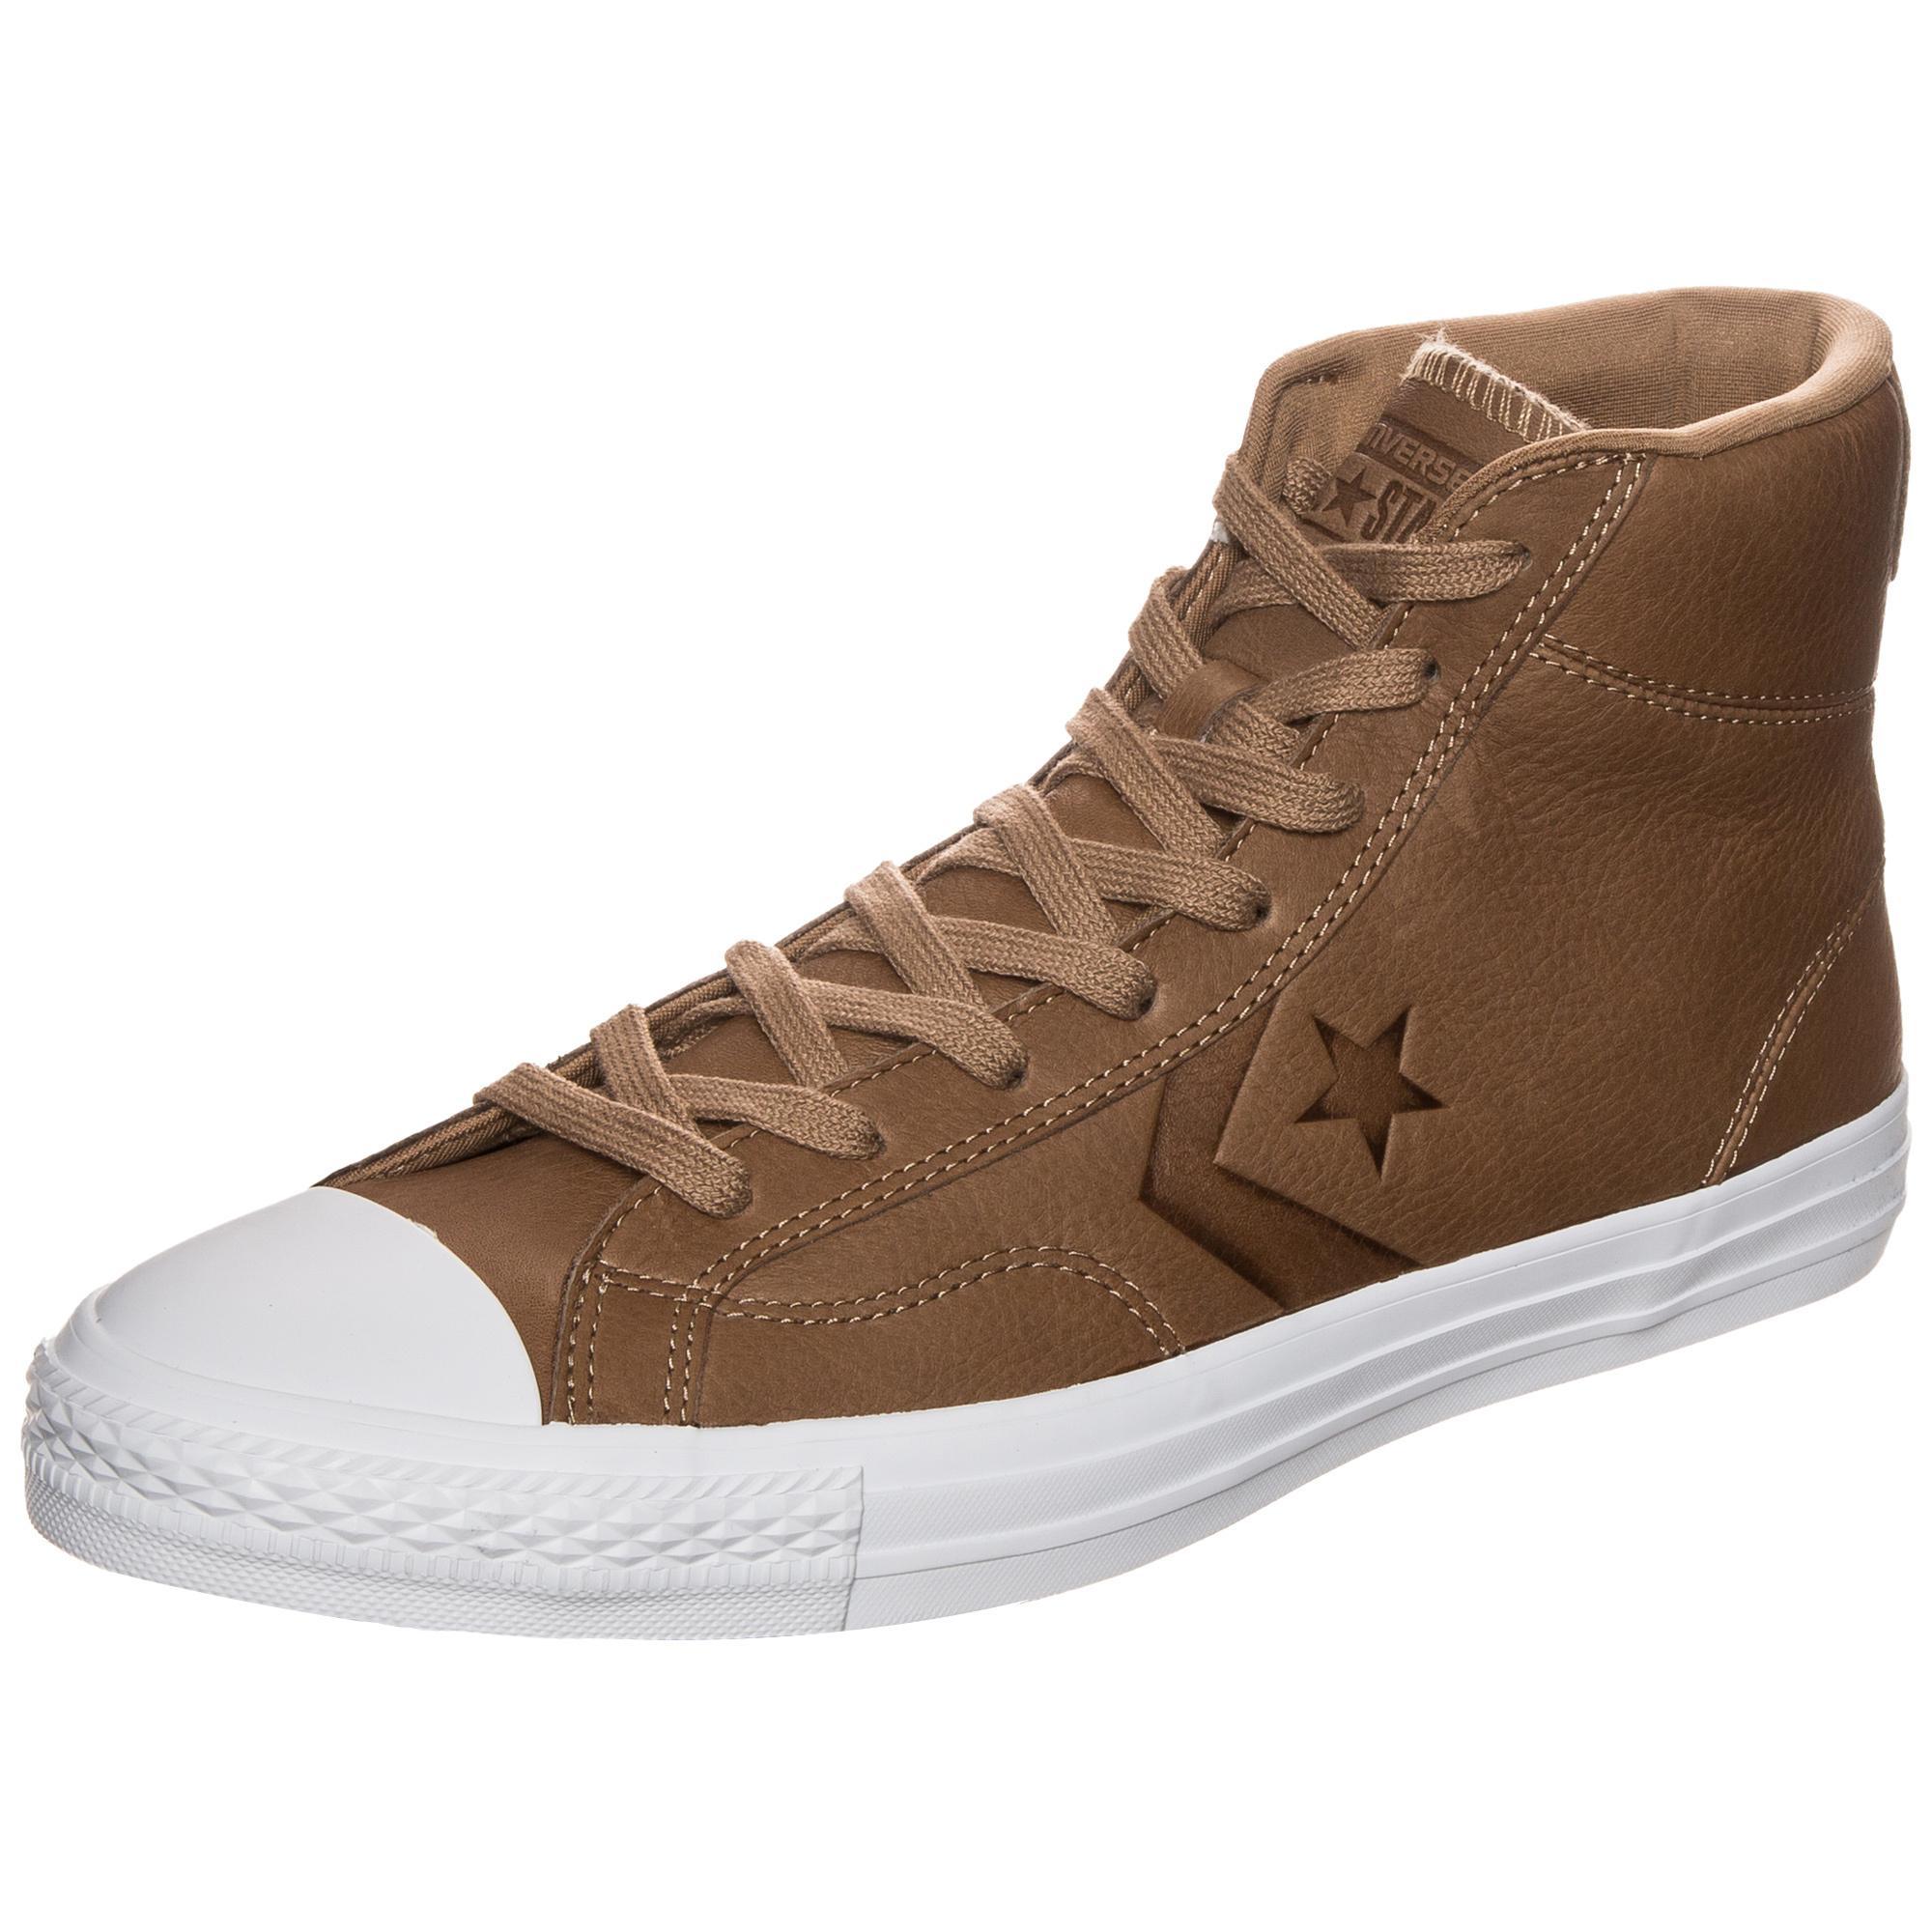 CONVERSE Star Player Sneaker Herren hellbraun hellbraun hellbraun / weiß im Online Shop von SportScheck kaufen Gute Qualität beliebte Schuhe 59e40d